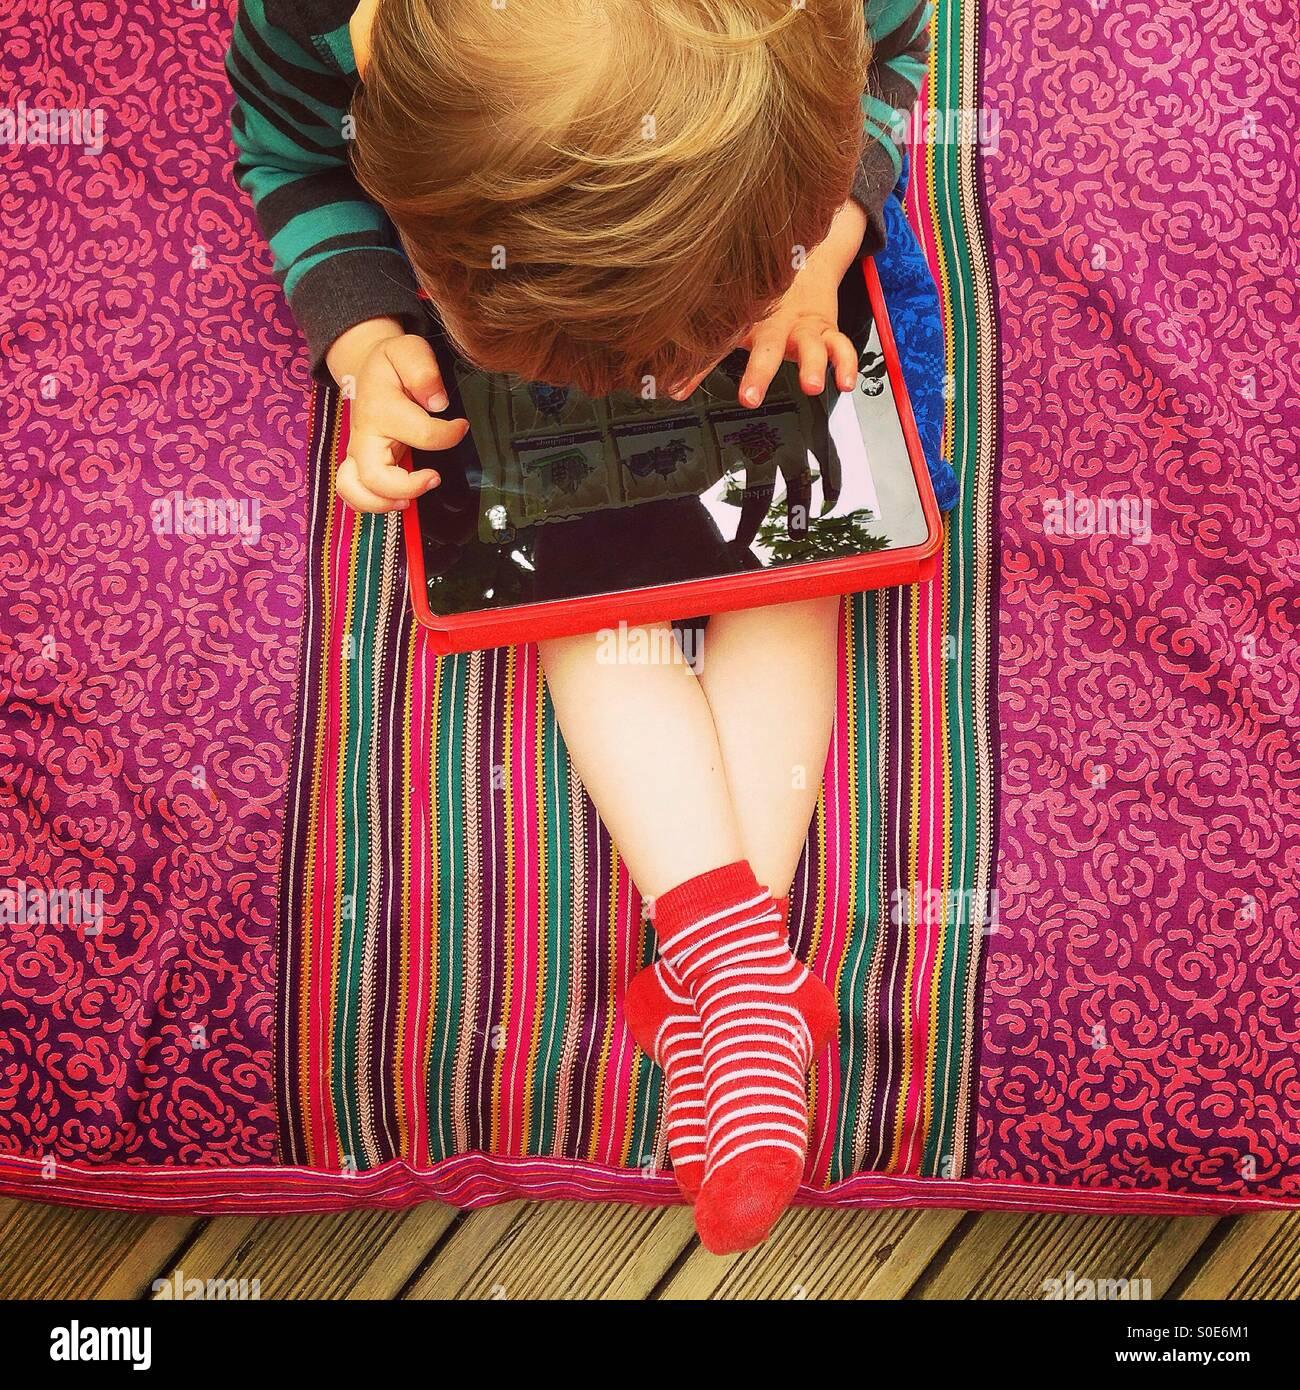 Young Boy spielen auf einem Tablet Stockbild